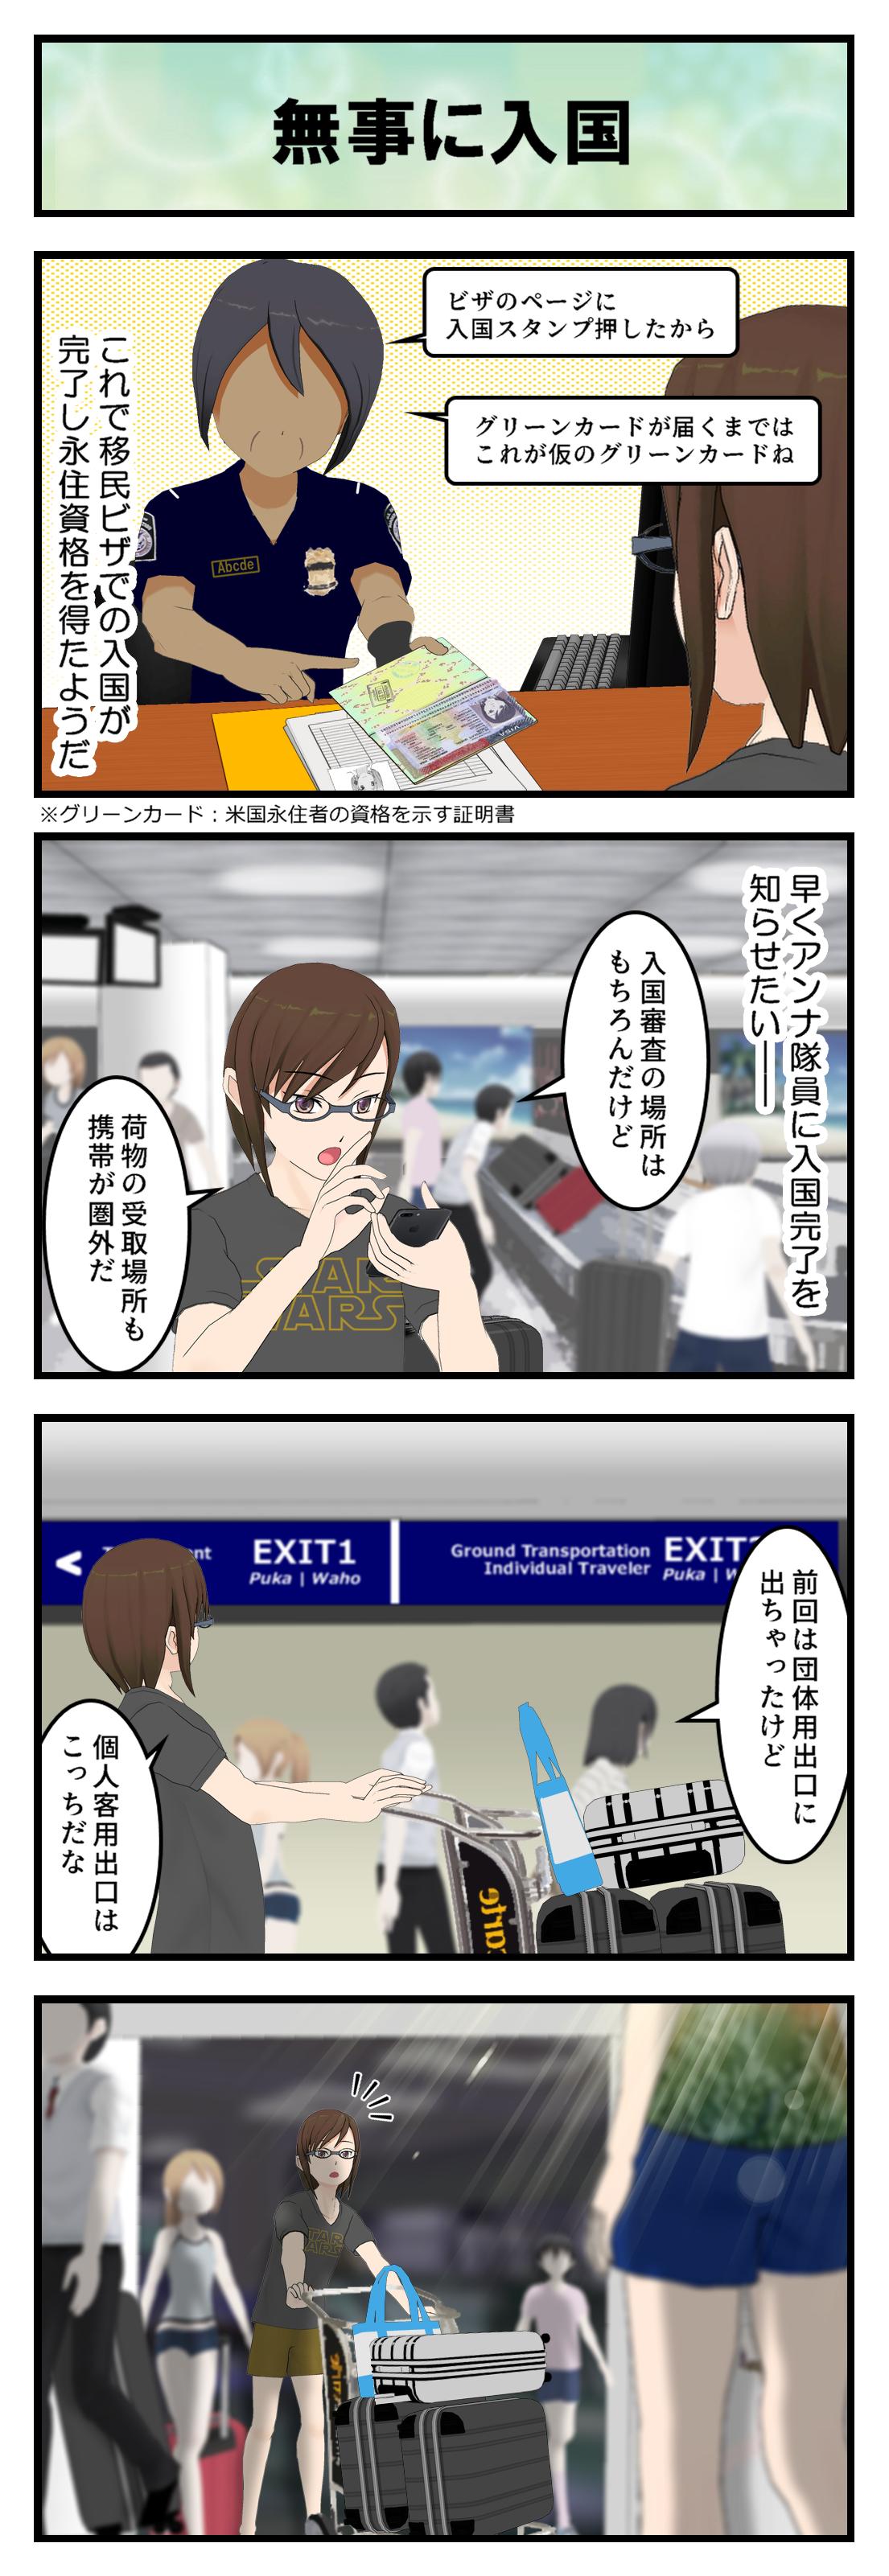 R006_入国審査後_001